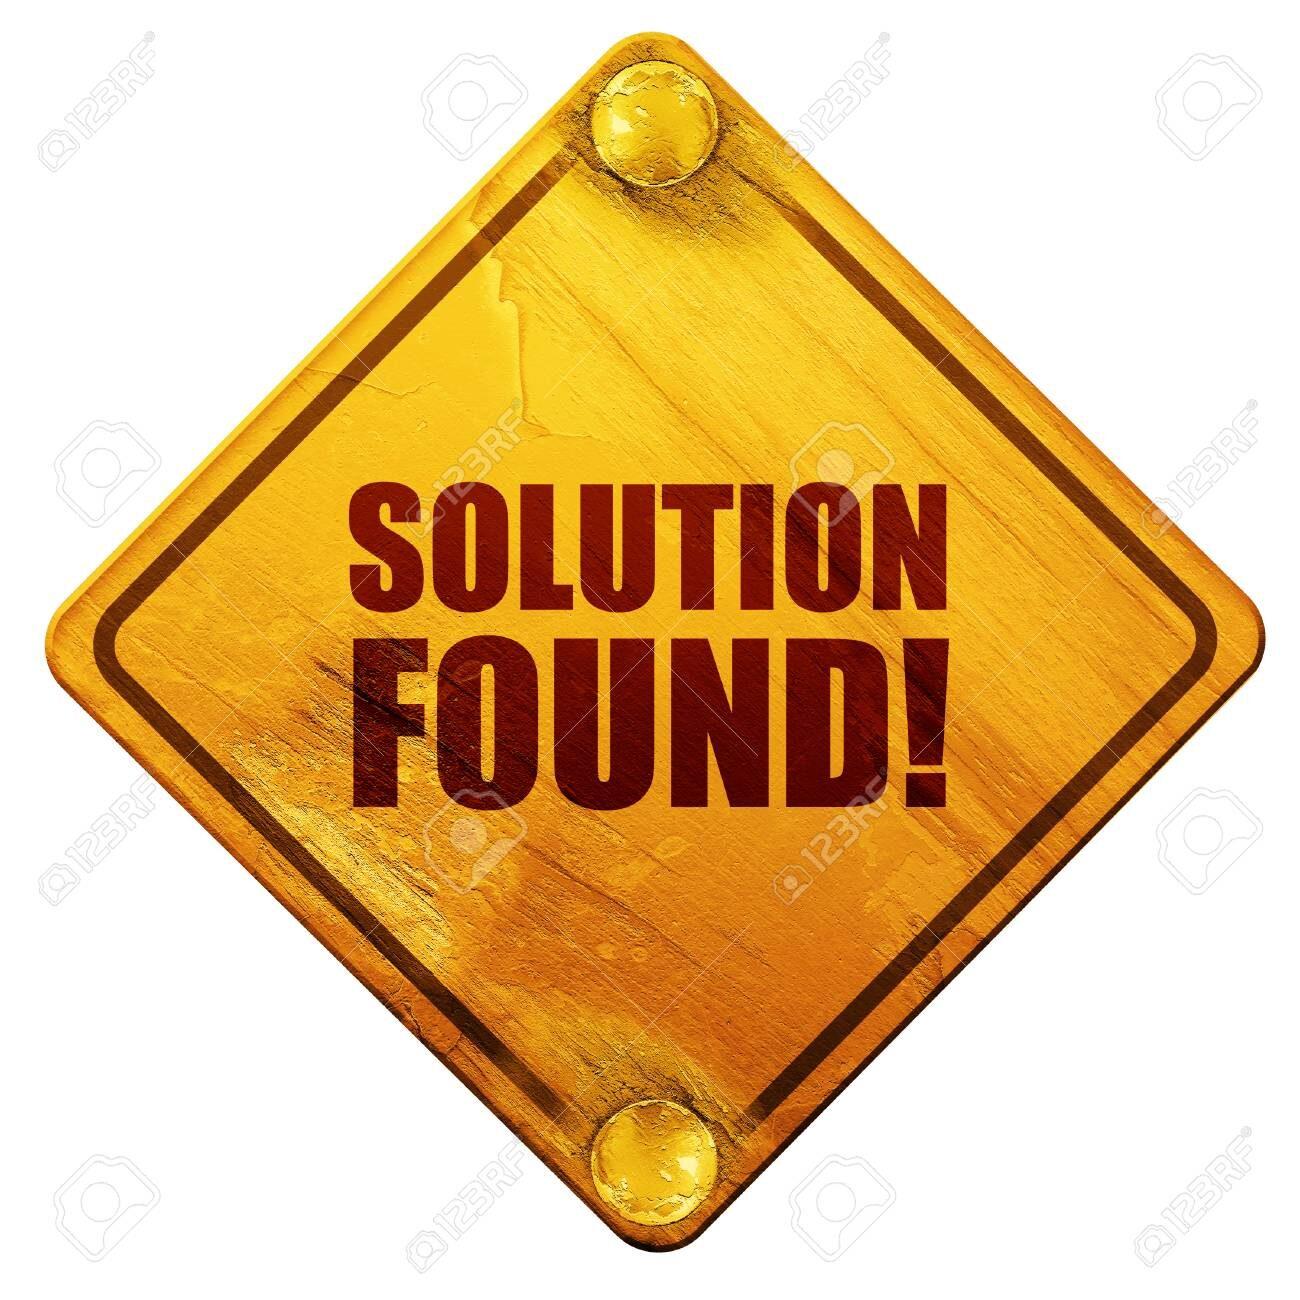 56101657-solution-trouvée-rendu-3d-signe-de-route-jaune-sur-un-fond-blanc.jpg